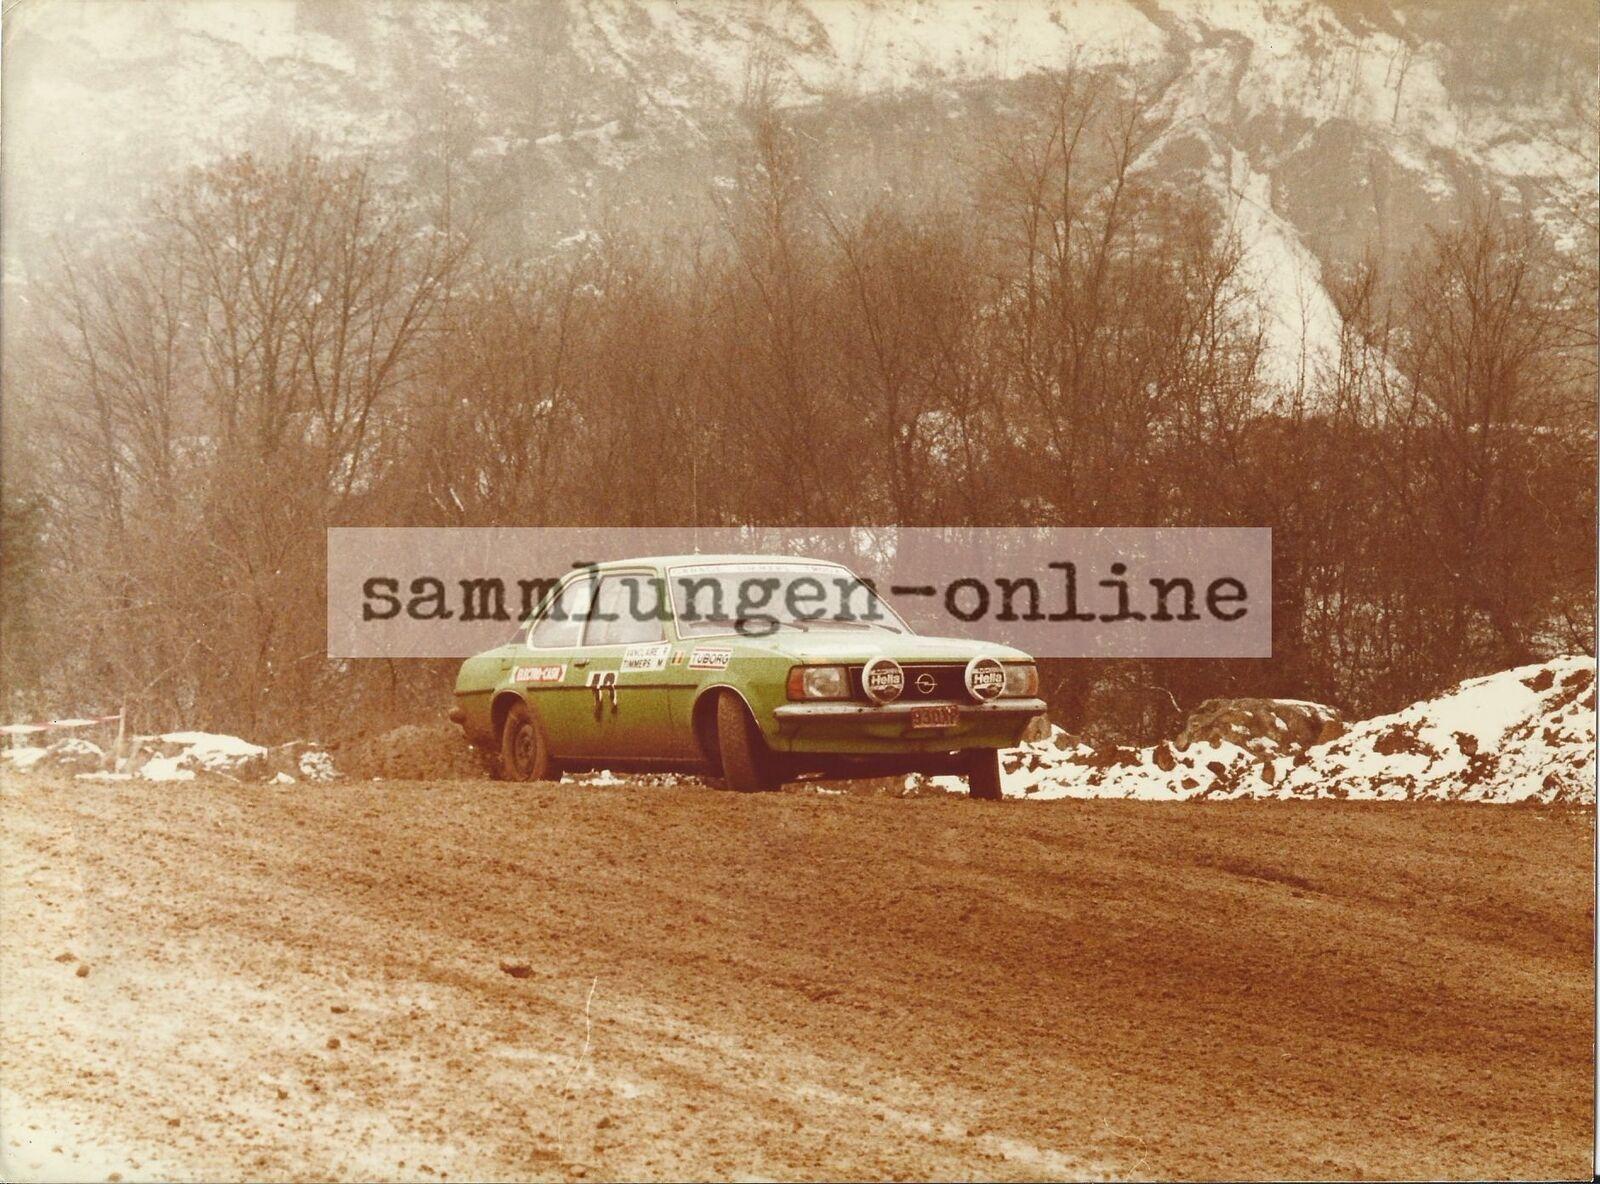 OPEL ASCONA 2000 RALLYE Marc timmers & ROBERT vanclaire FOTO DEPORTES DE MOTOR